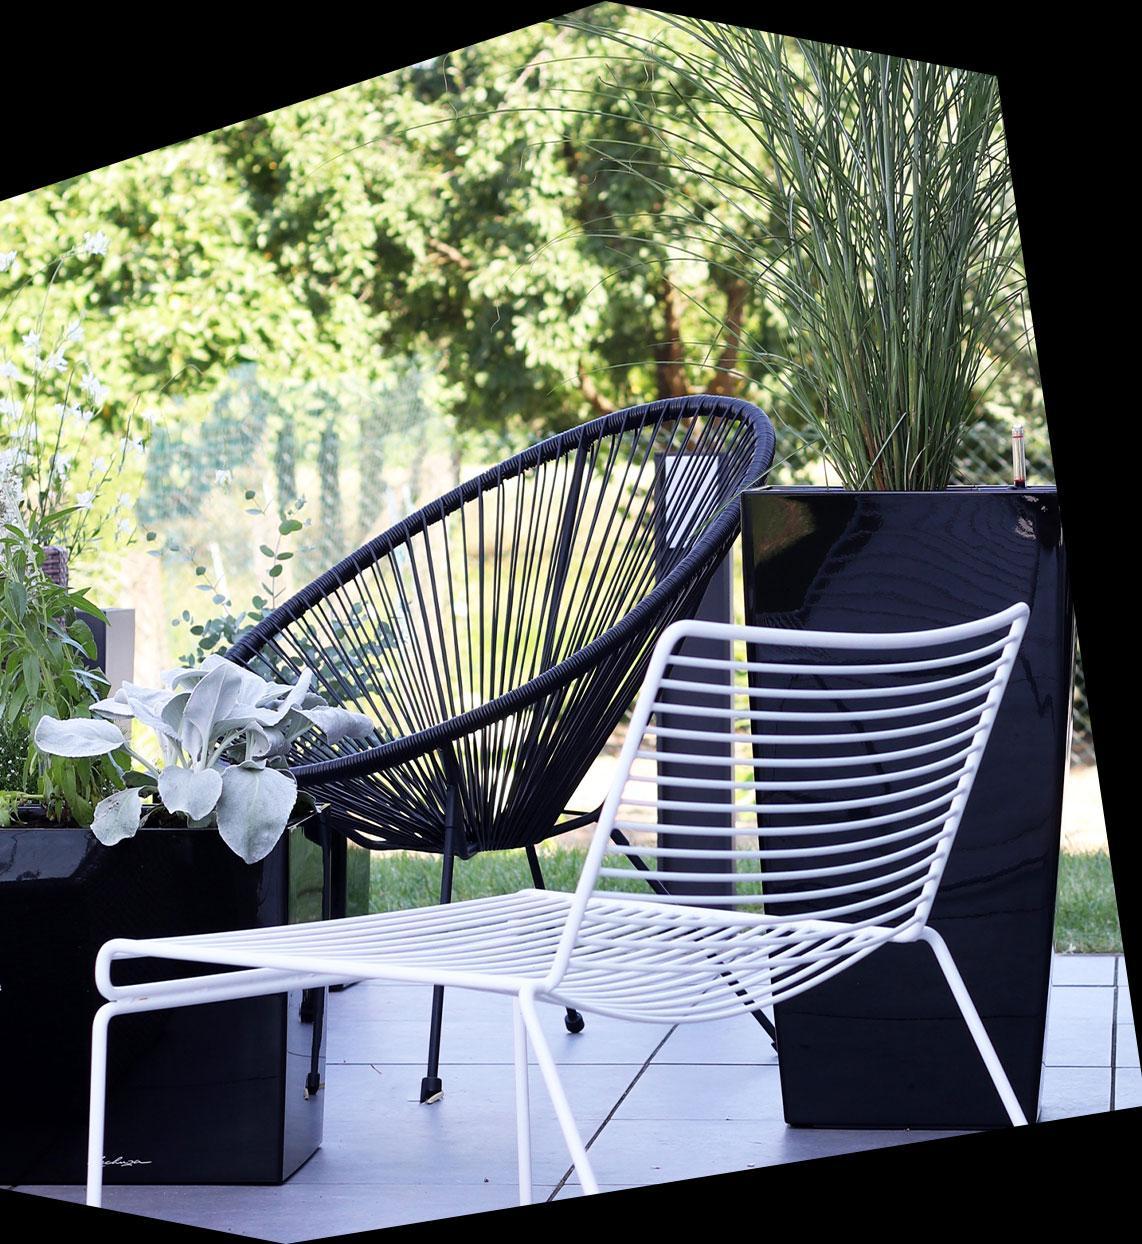 Черные глянцевые кашпо CUBICO и CUBE на террасе с черной и белой садовой мебелью